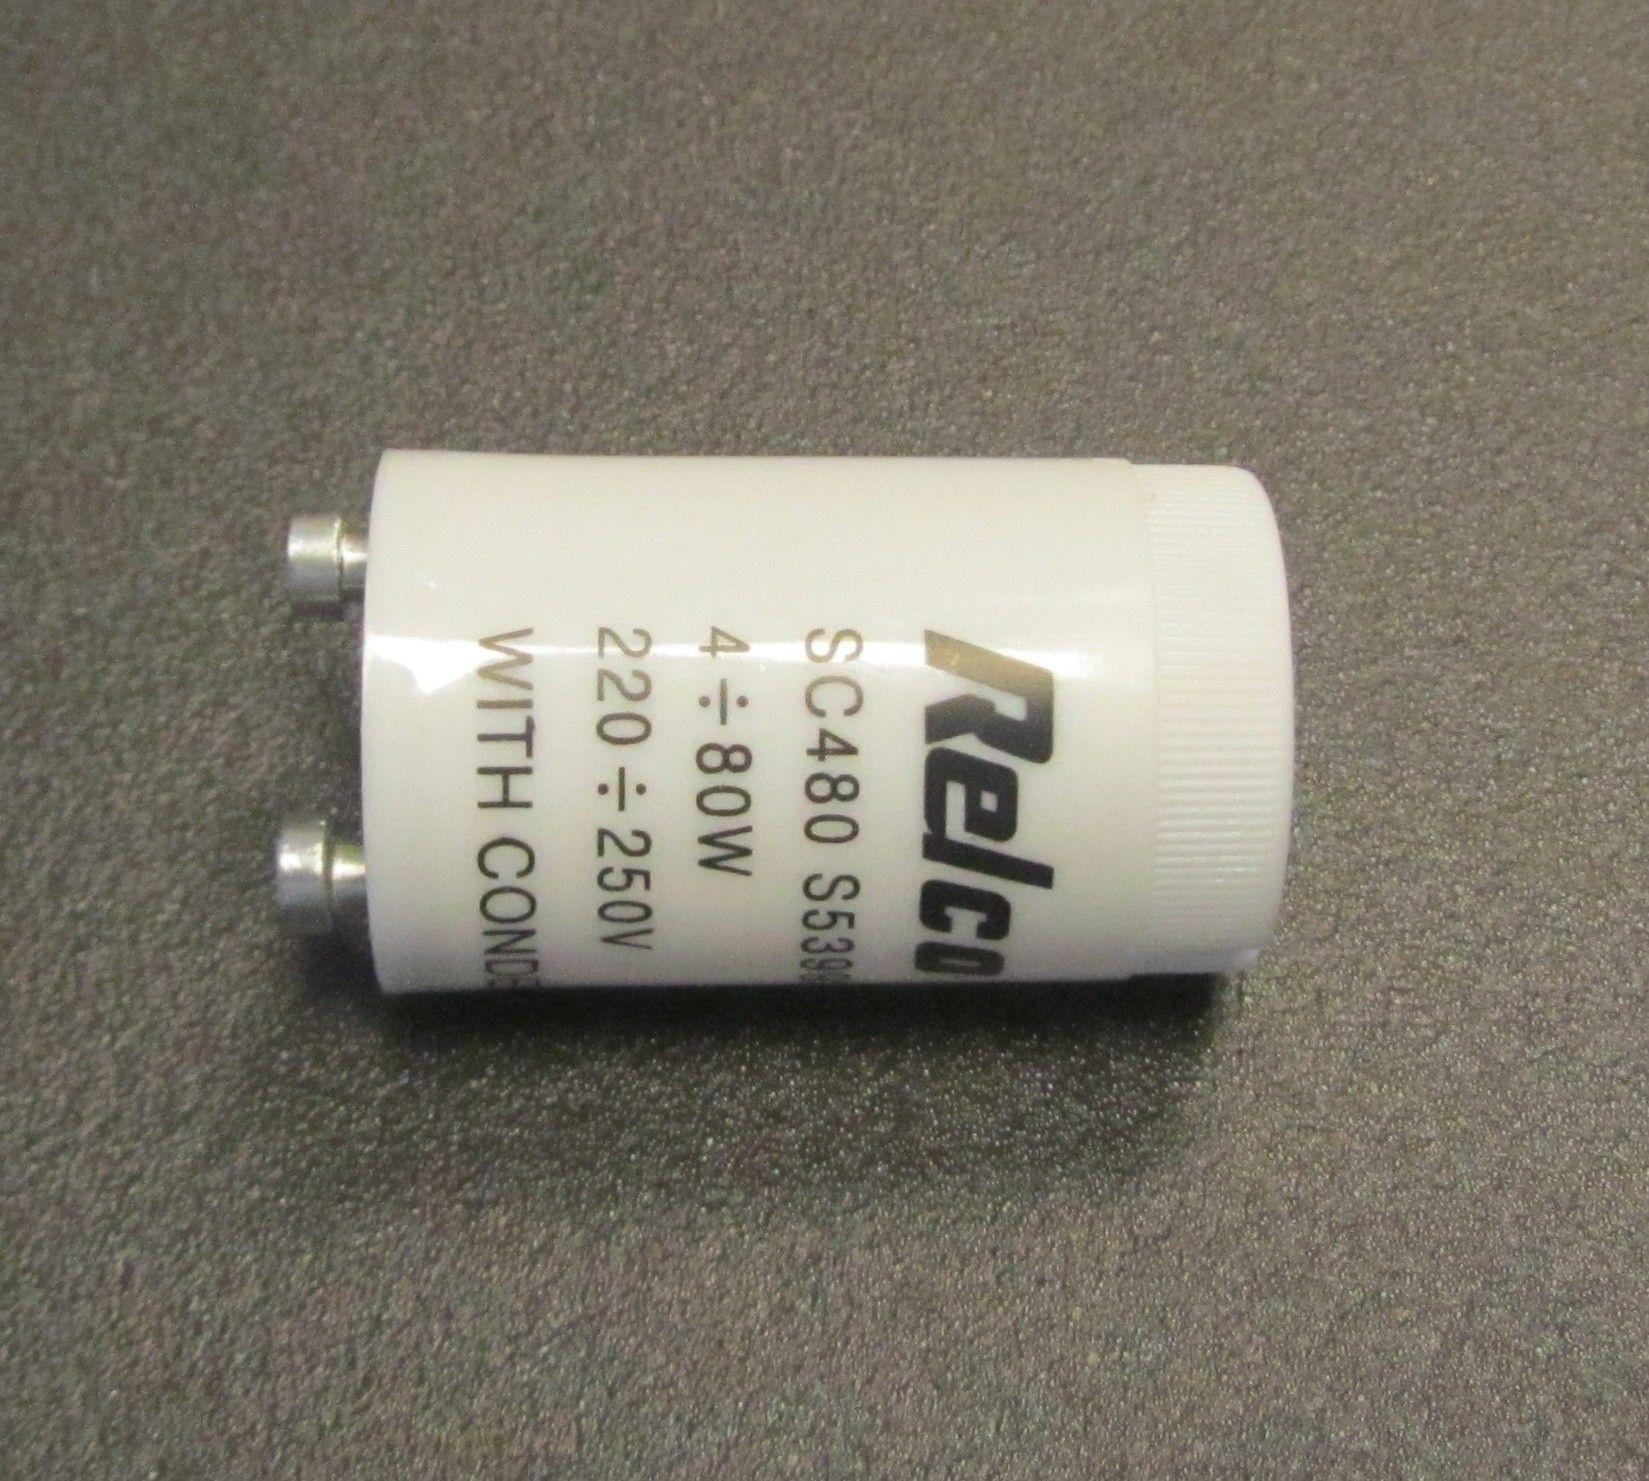 Glimtænder 4-65 Watt.